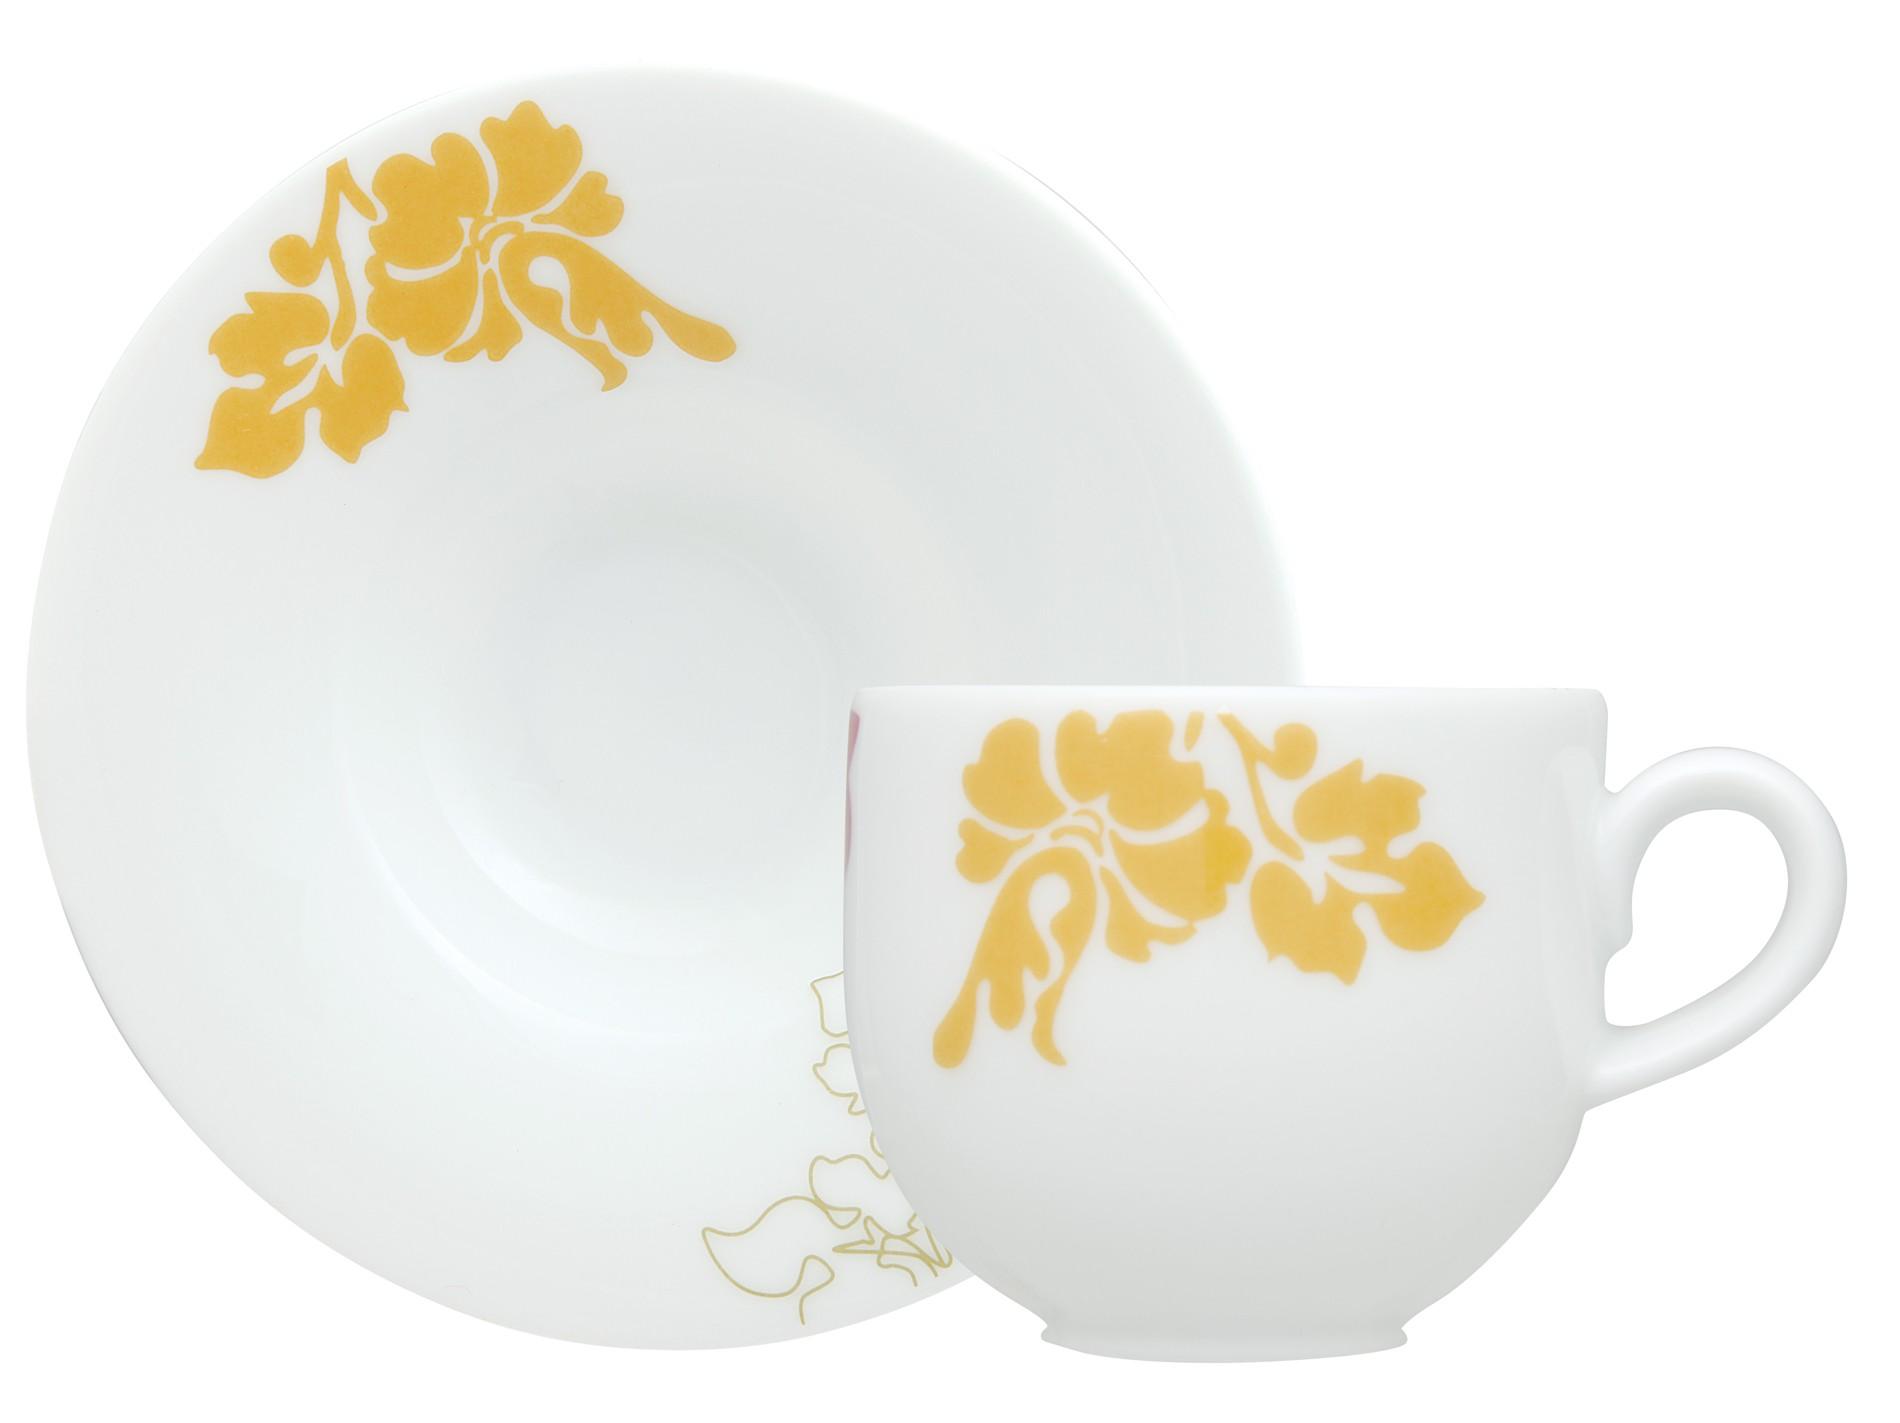 Φλυτζάνι & Πιάτο Καφέ Ιβίσκος Σετ 6τμχ Ionia home   ειδη cafe τσαϊ   κούπες   φλυτζάνια